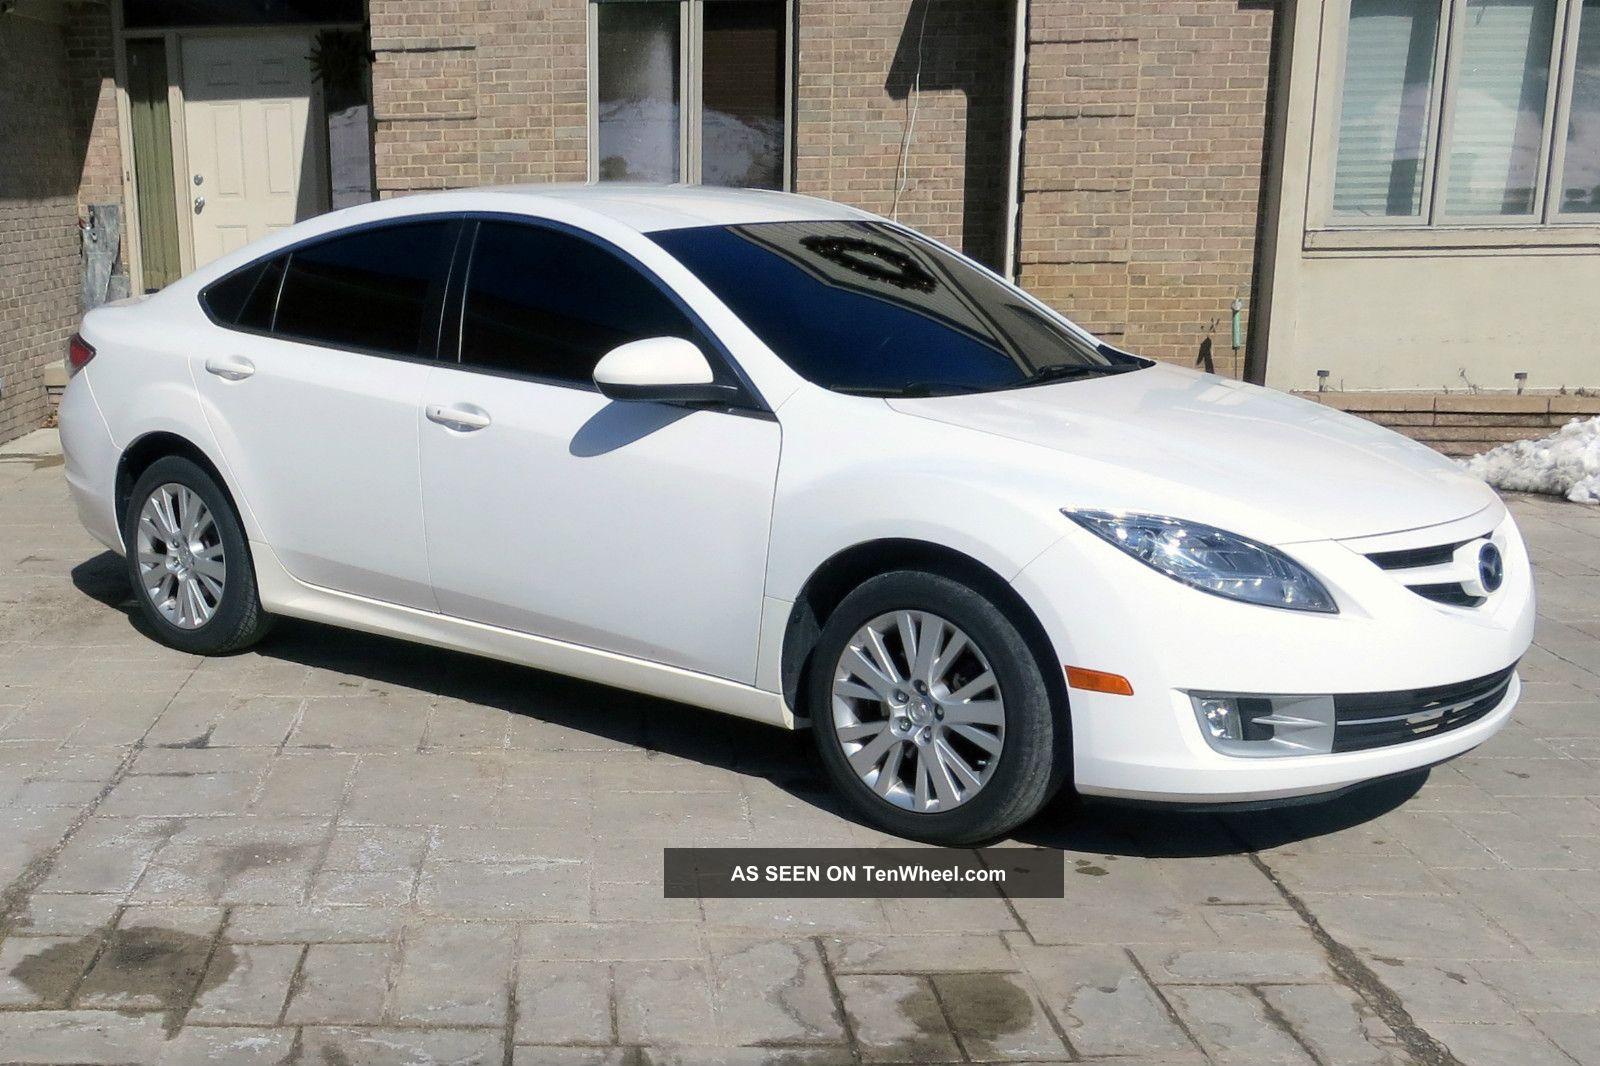 2009 Mazda 6 I Sedan 4 Door White